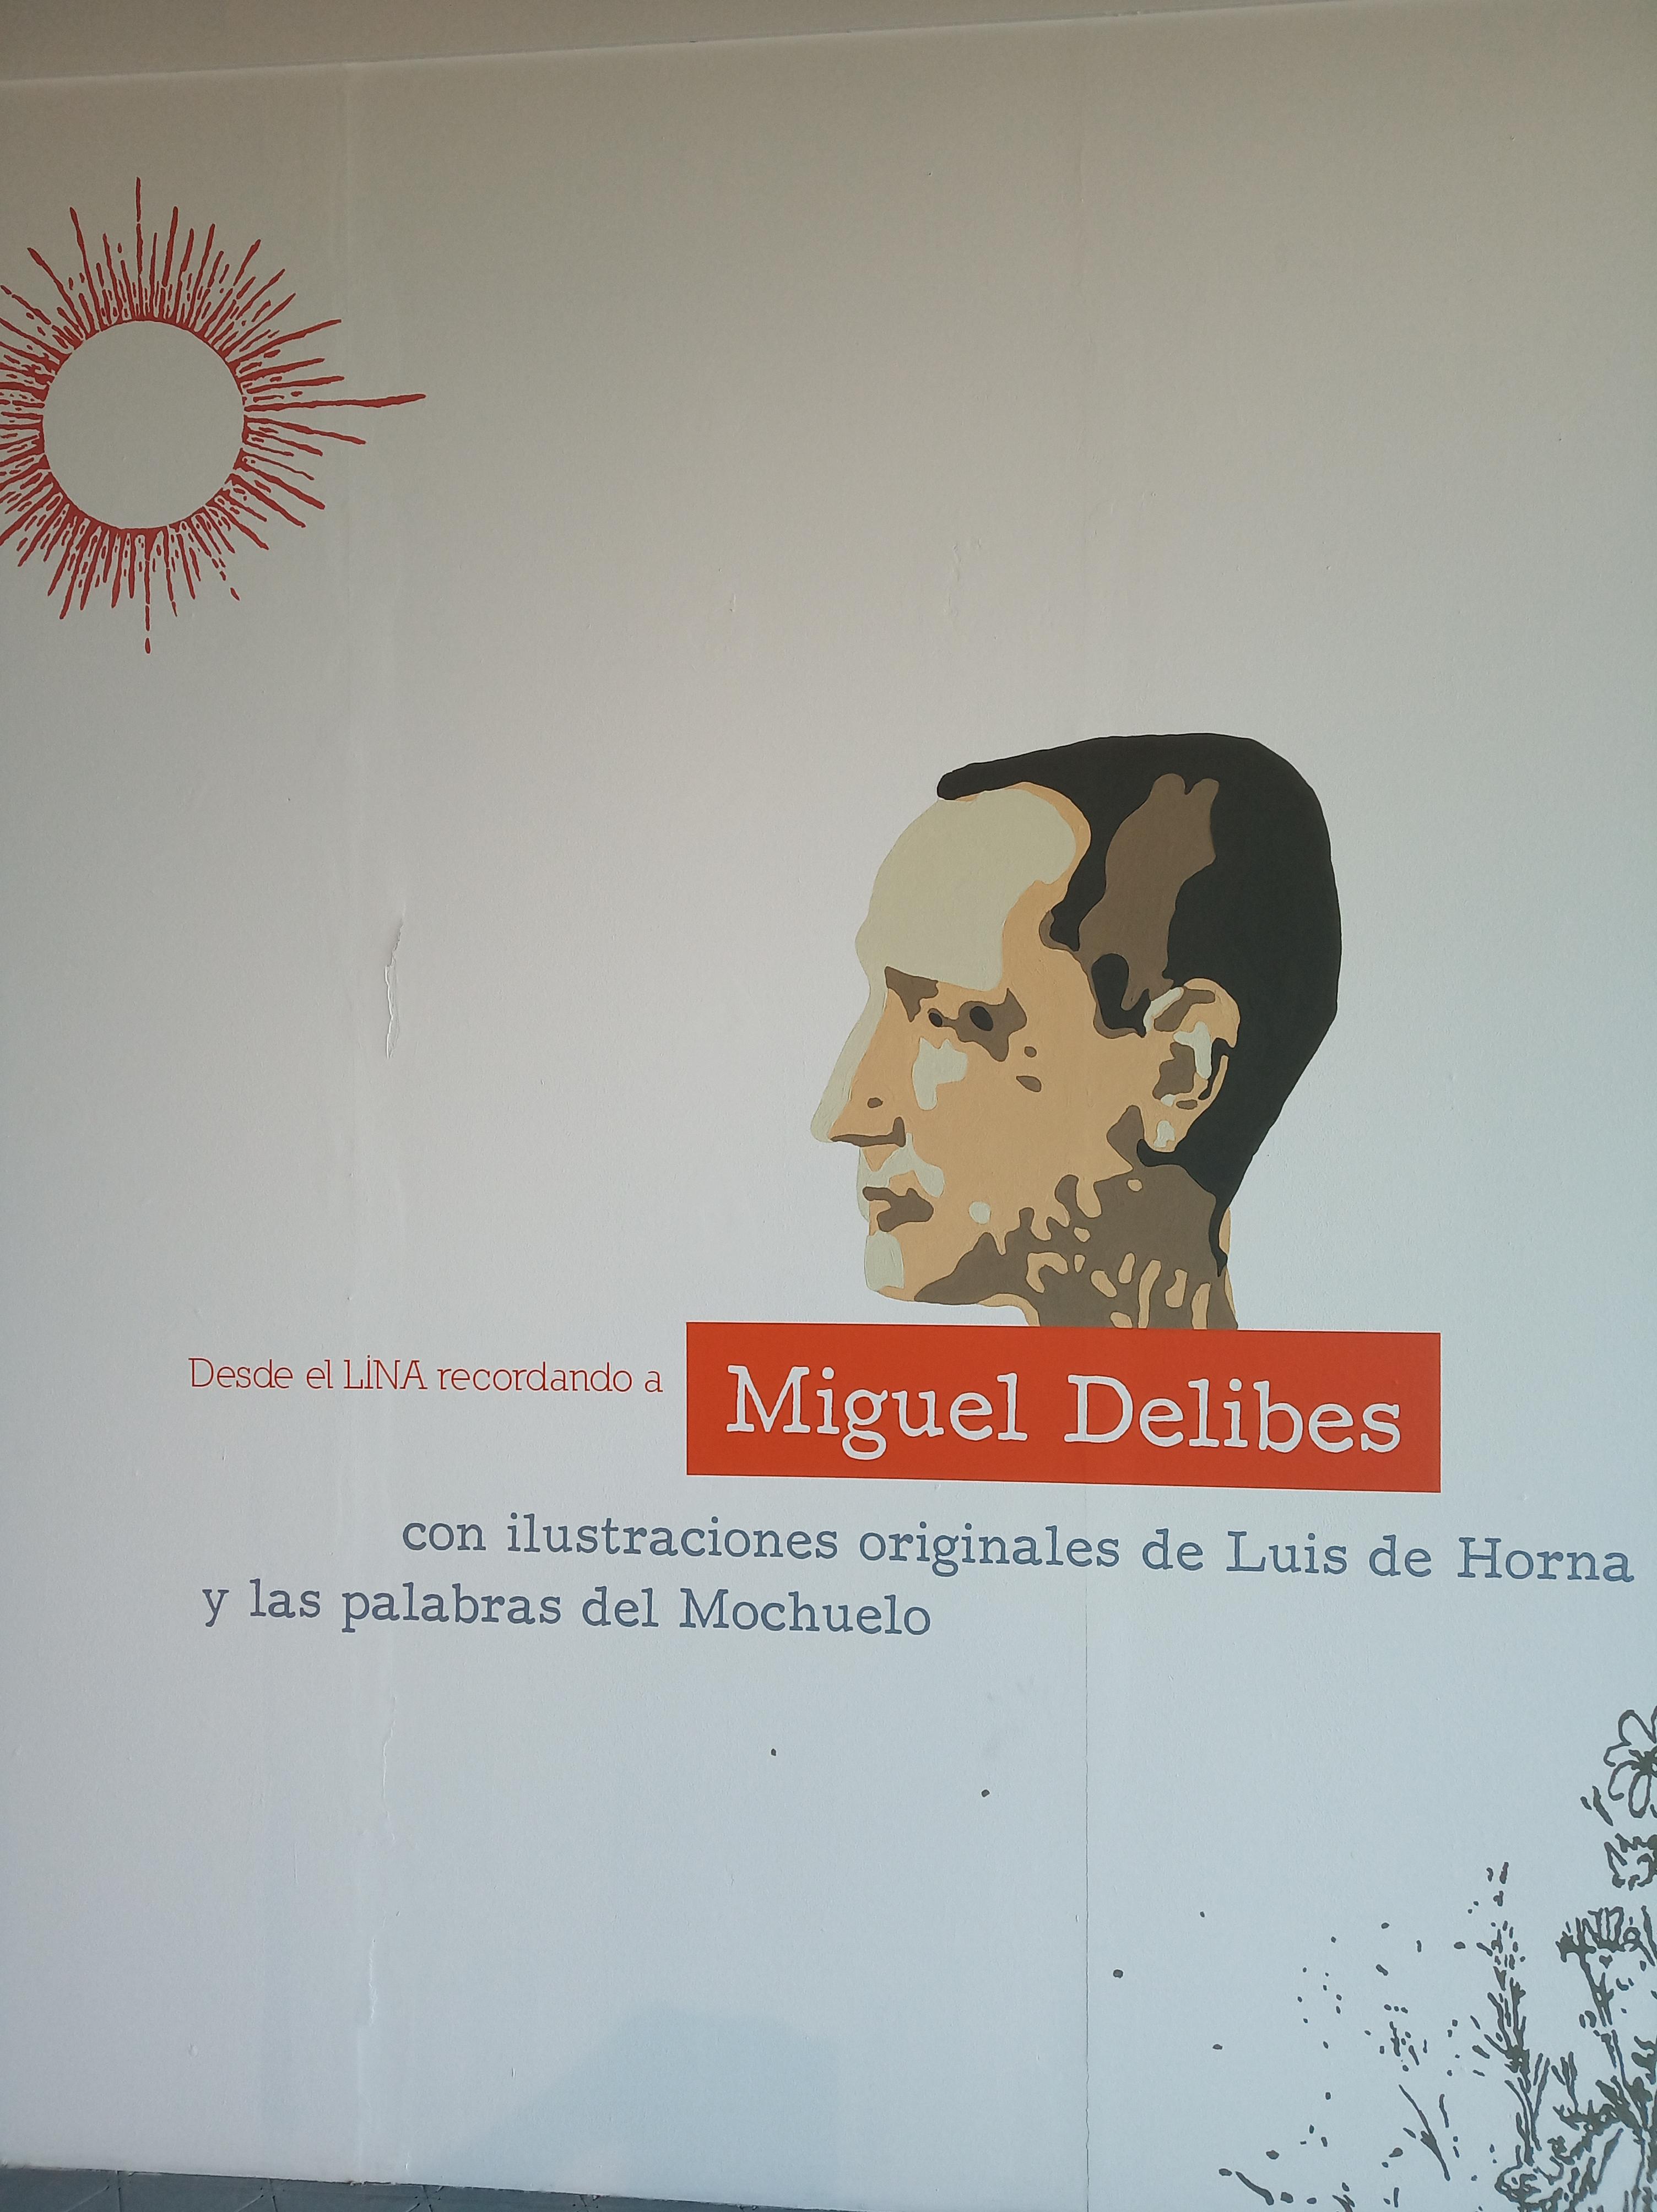 Desde el LINA recordando a Miguel Delibes